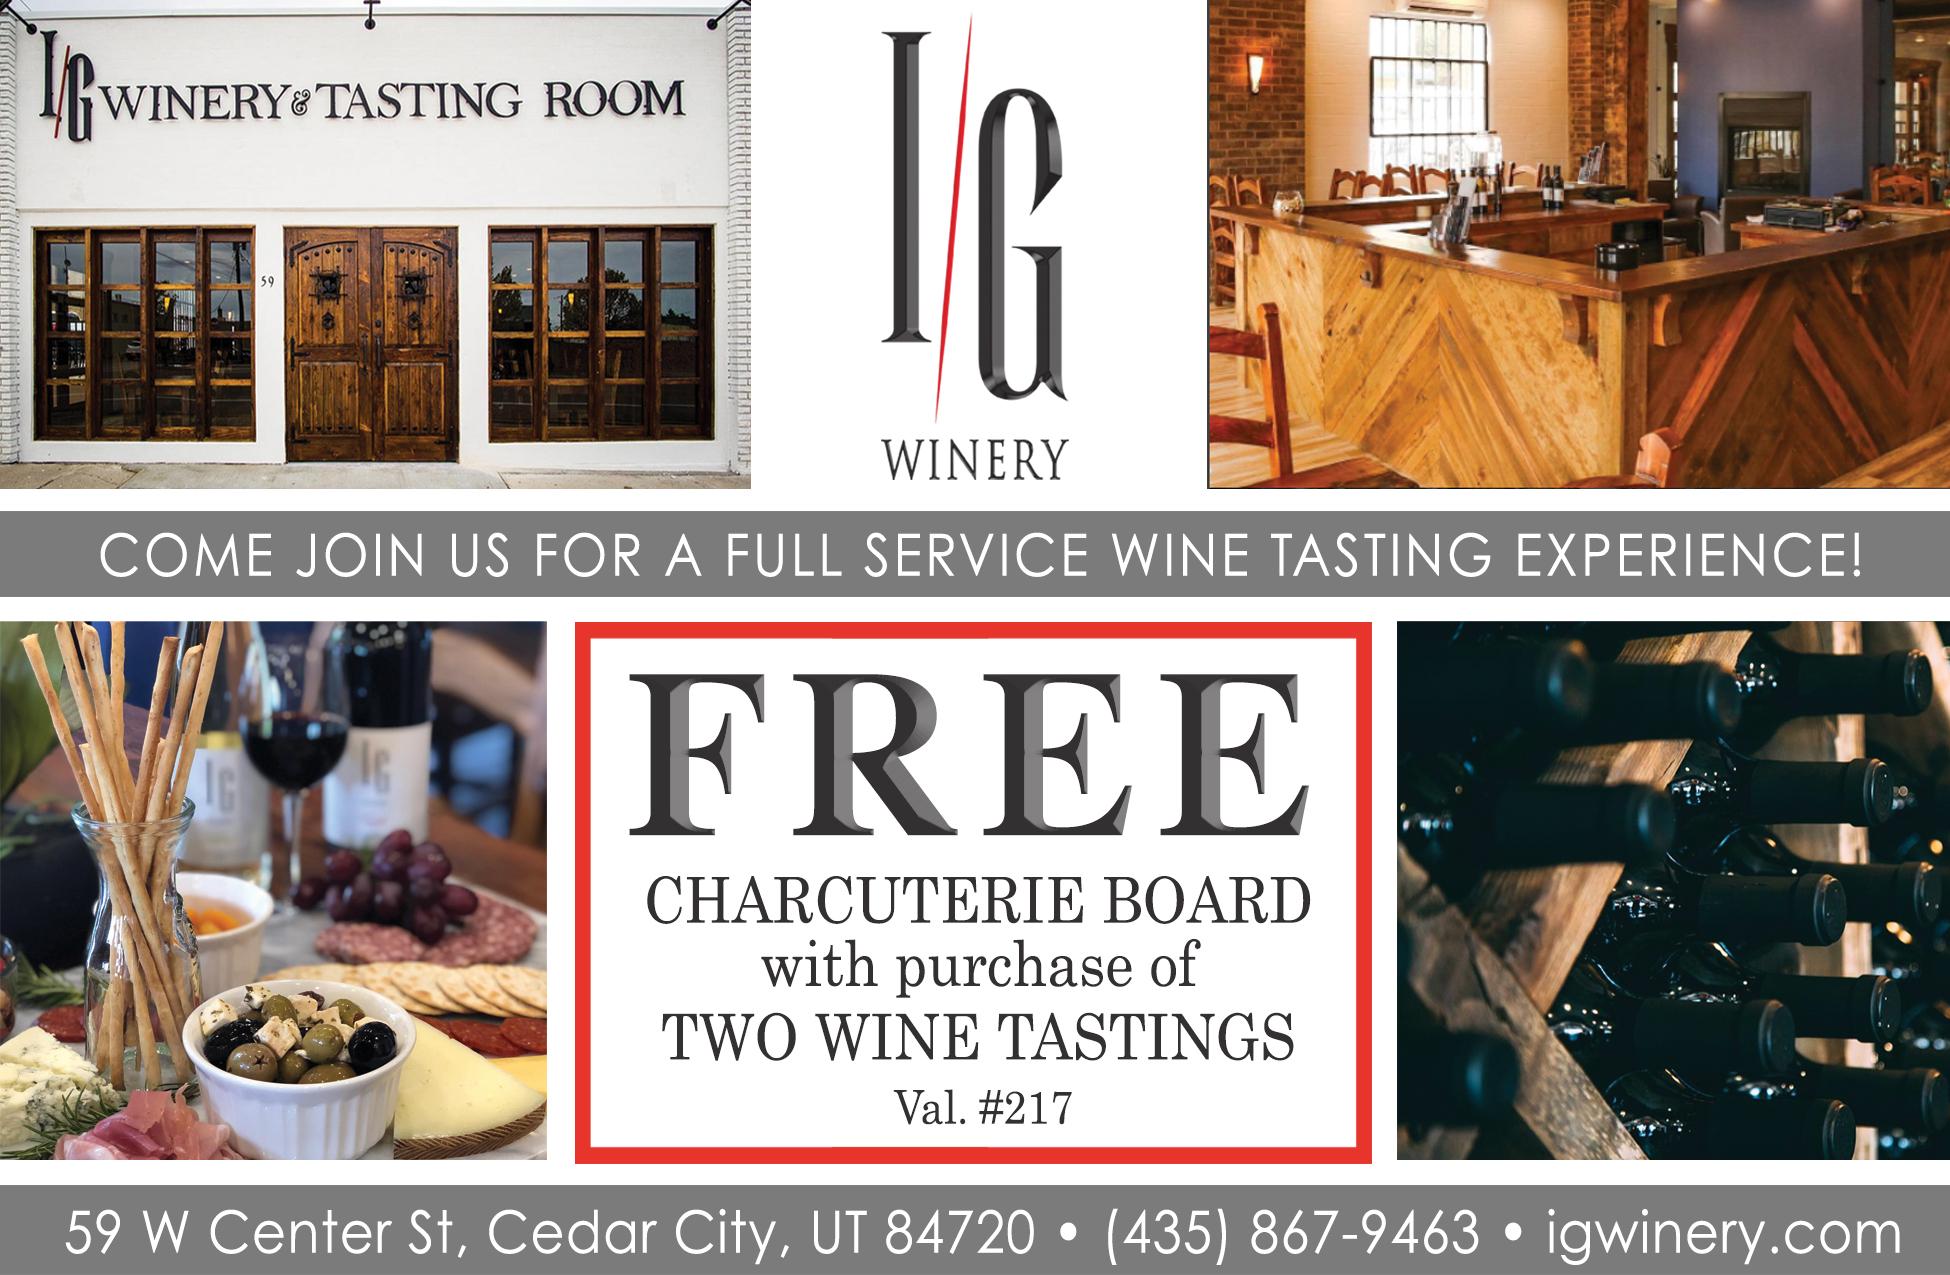 IG Winery - free wine tasting